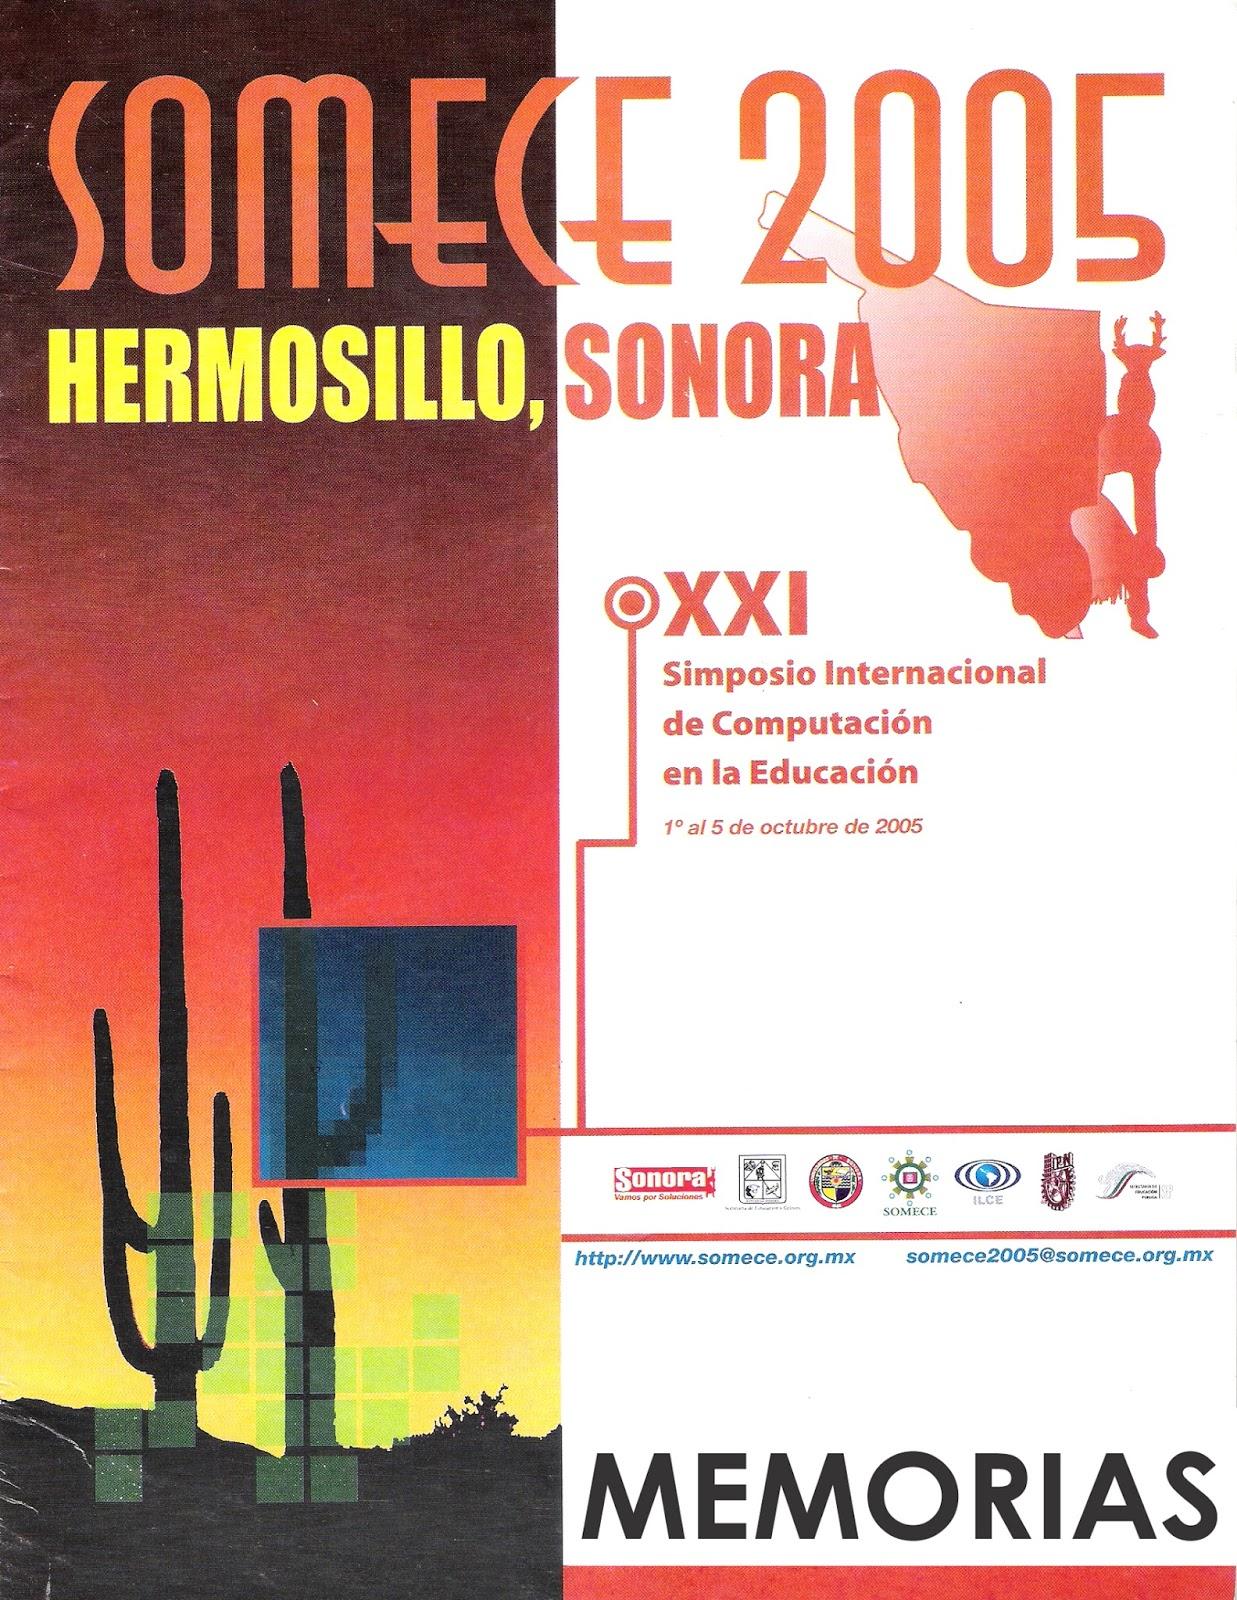 XXI Simposio Internacional de Computación en la Educación